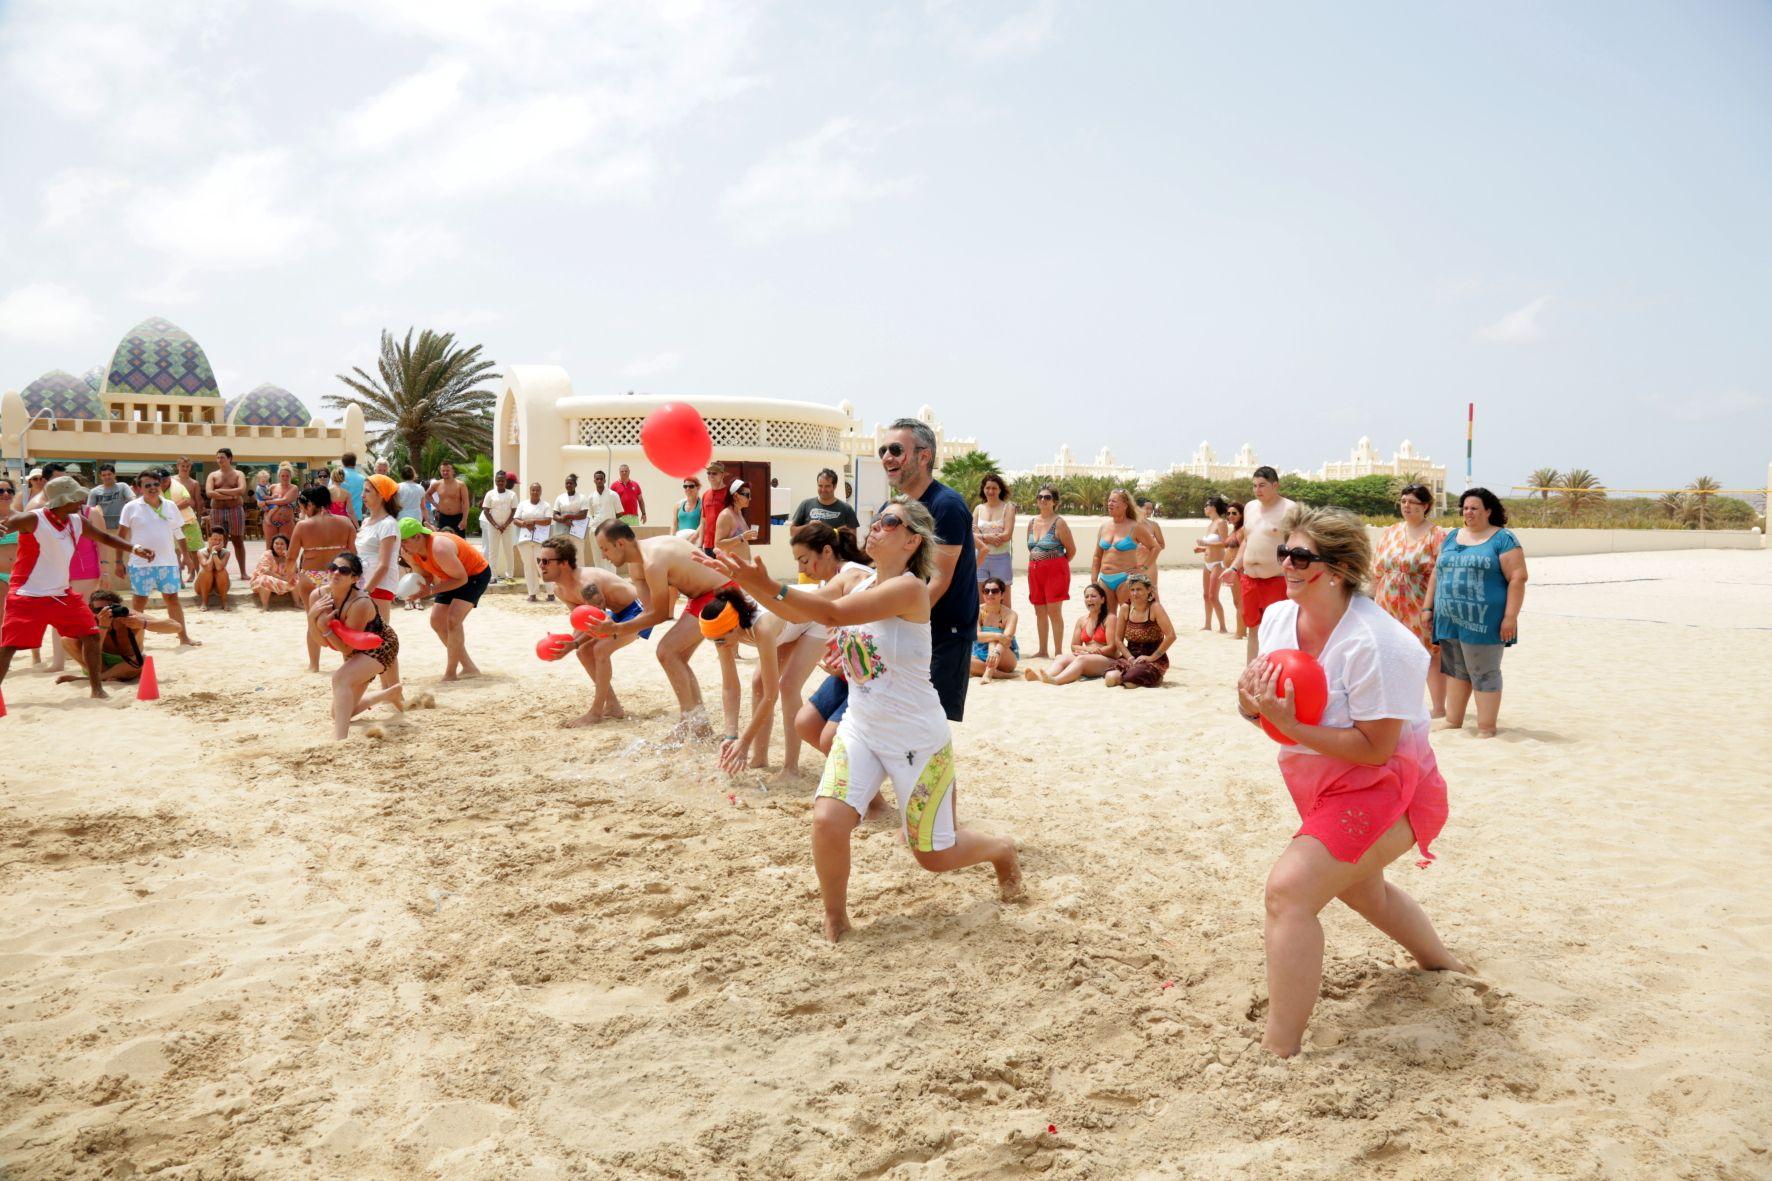 Dia 3: Olímpiadas na praia.  3 grandes eauipas em disputa... ganhou a boa disposição :-)